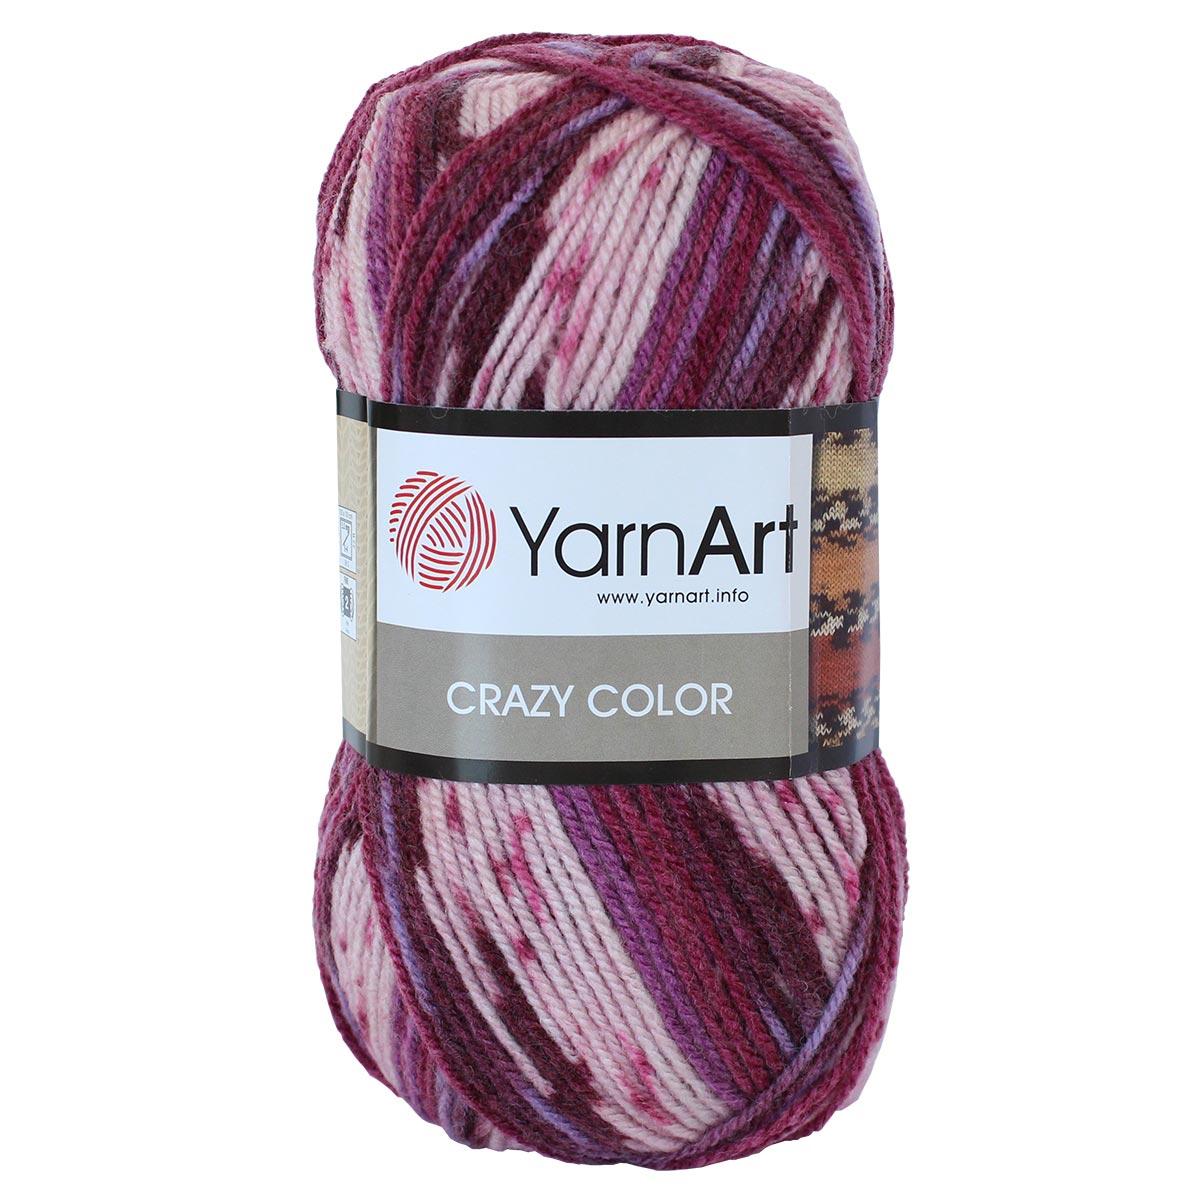 Пряжа YarnArt 'Crazy color' 100гр. 260м (25%шерсть,75%акрил)